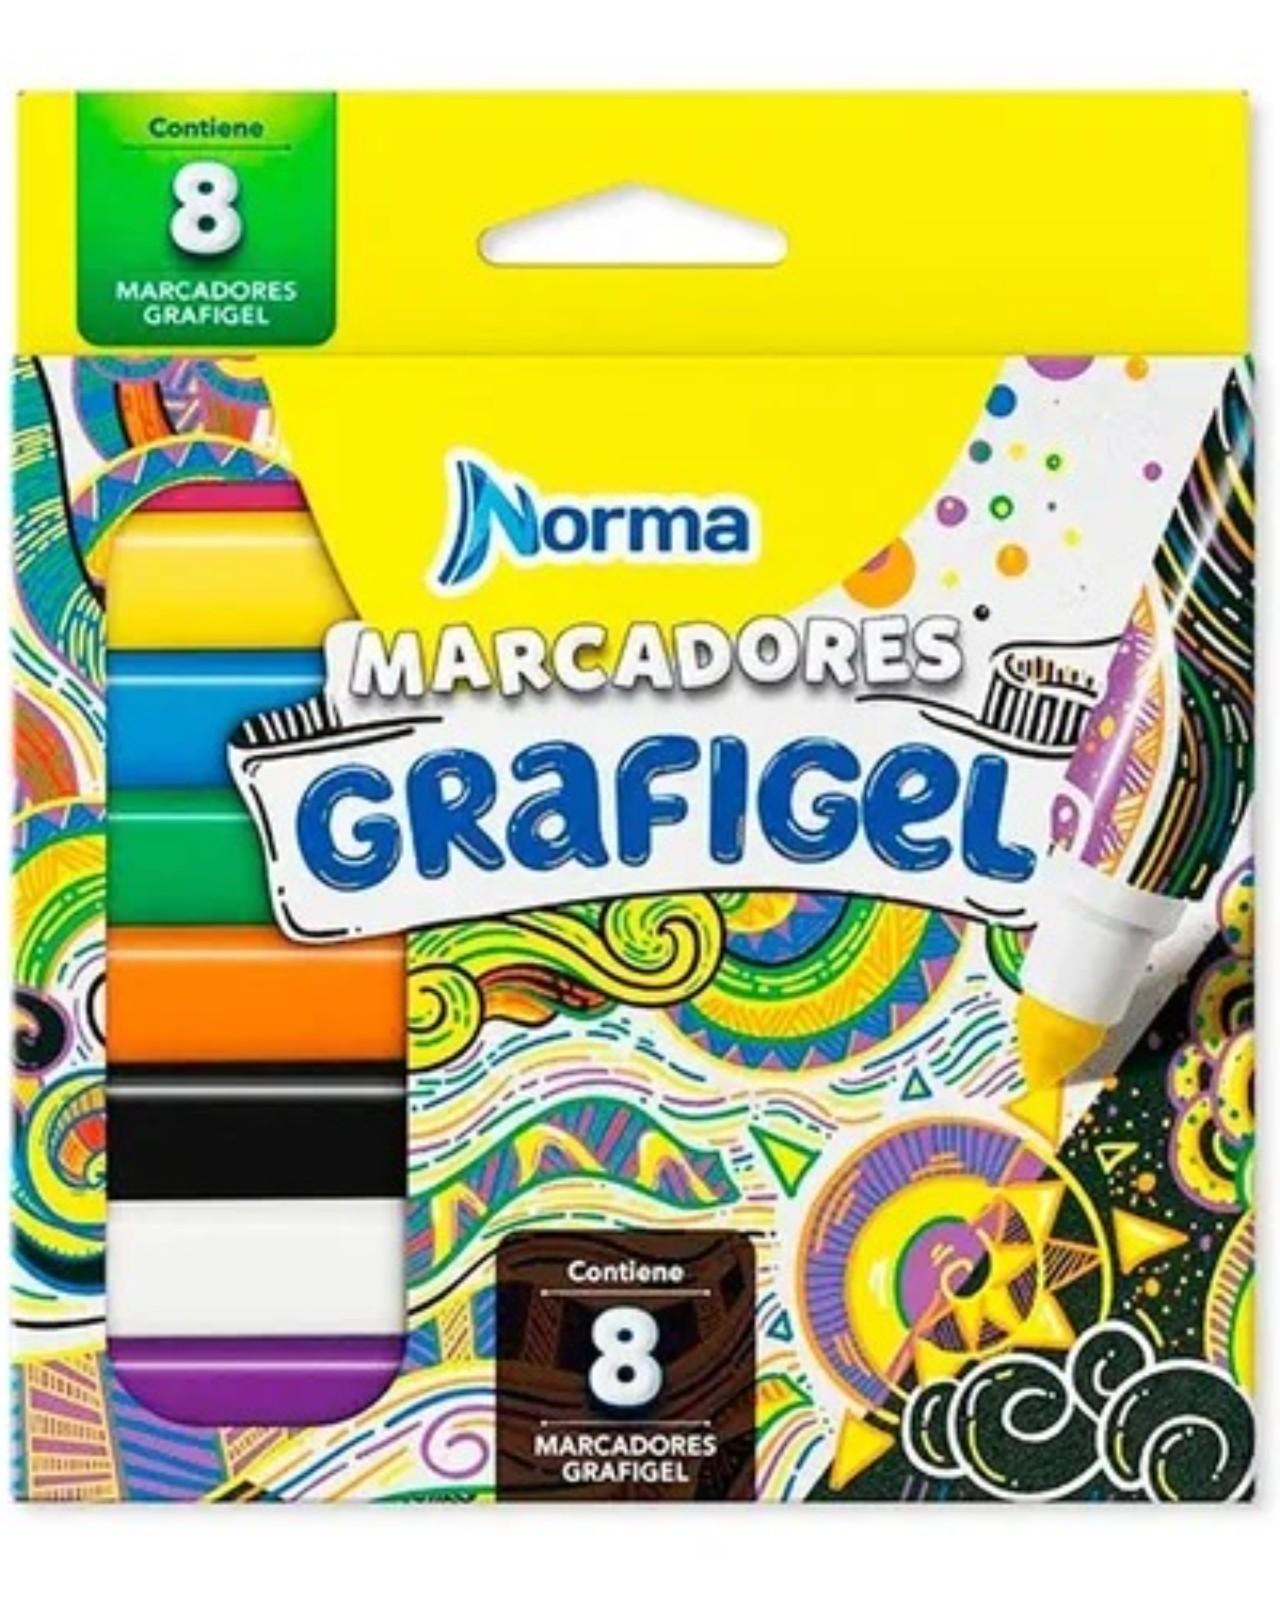 MARCADOR GRAFIGEL X8 KIUT 552007 NORMA_1